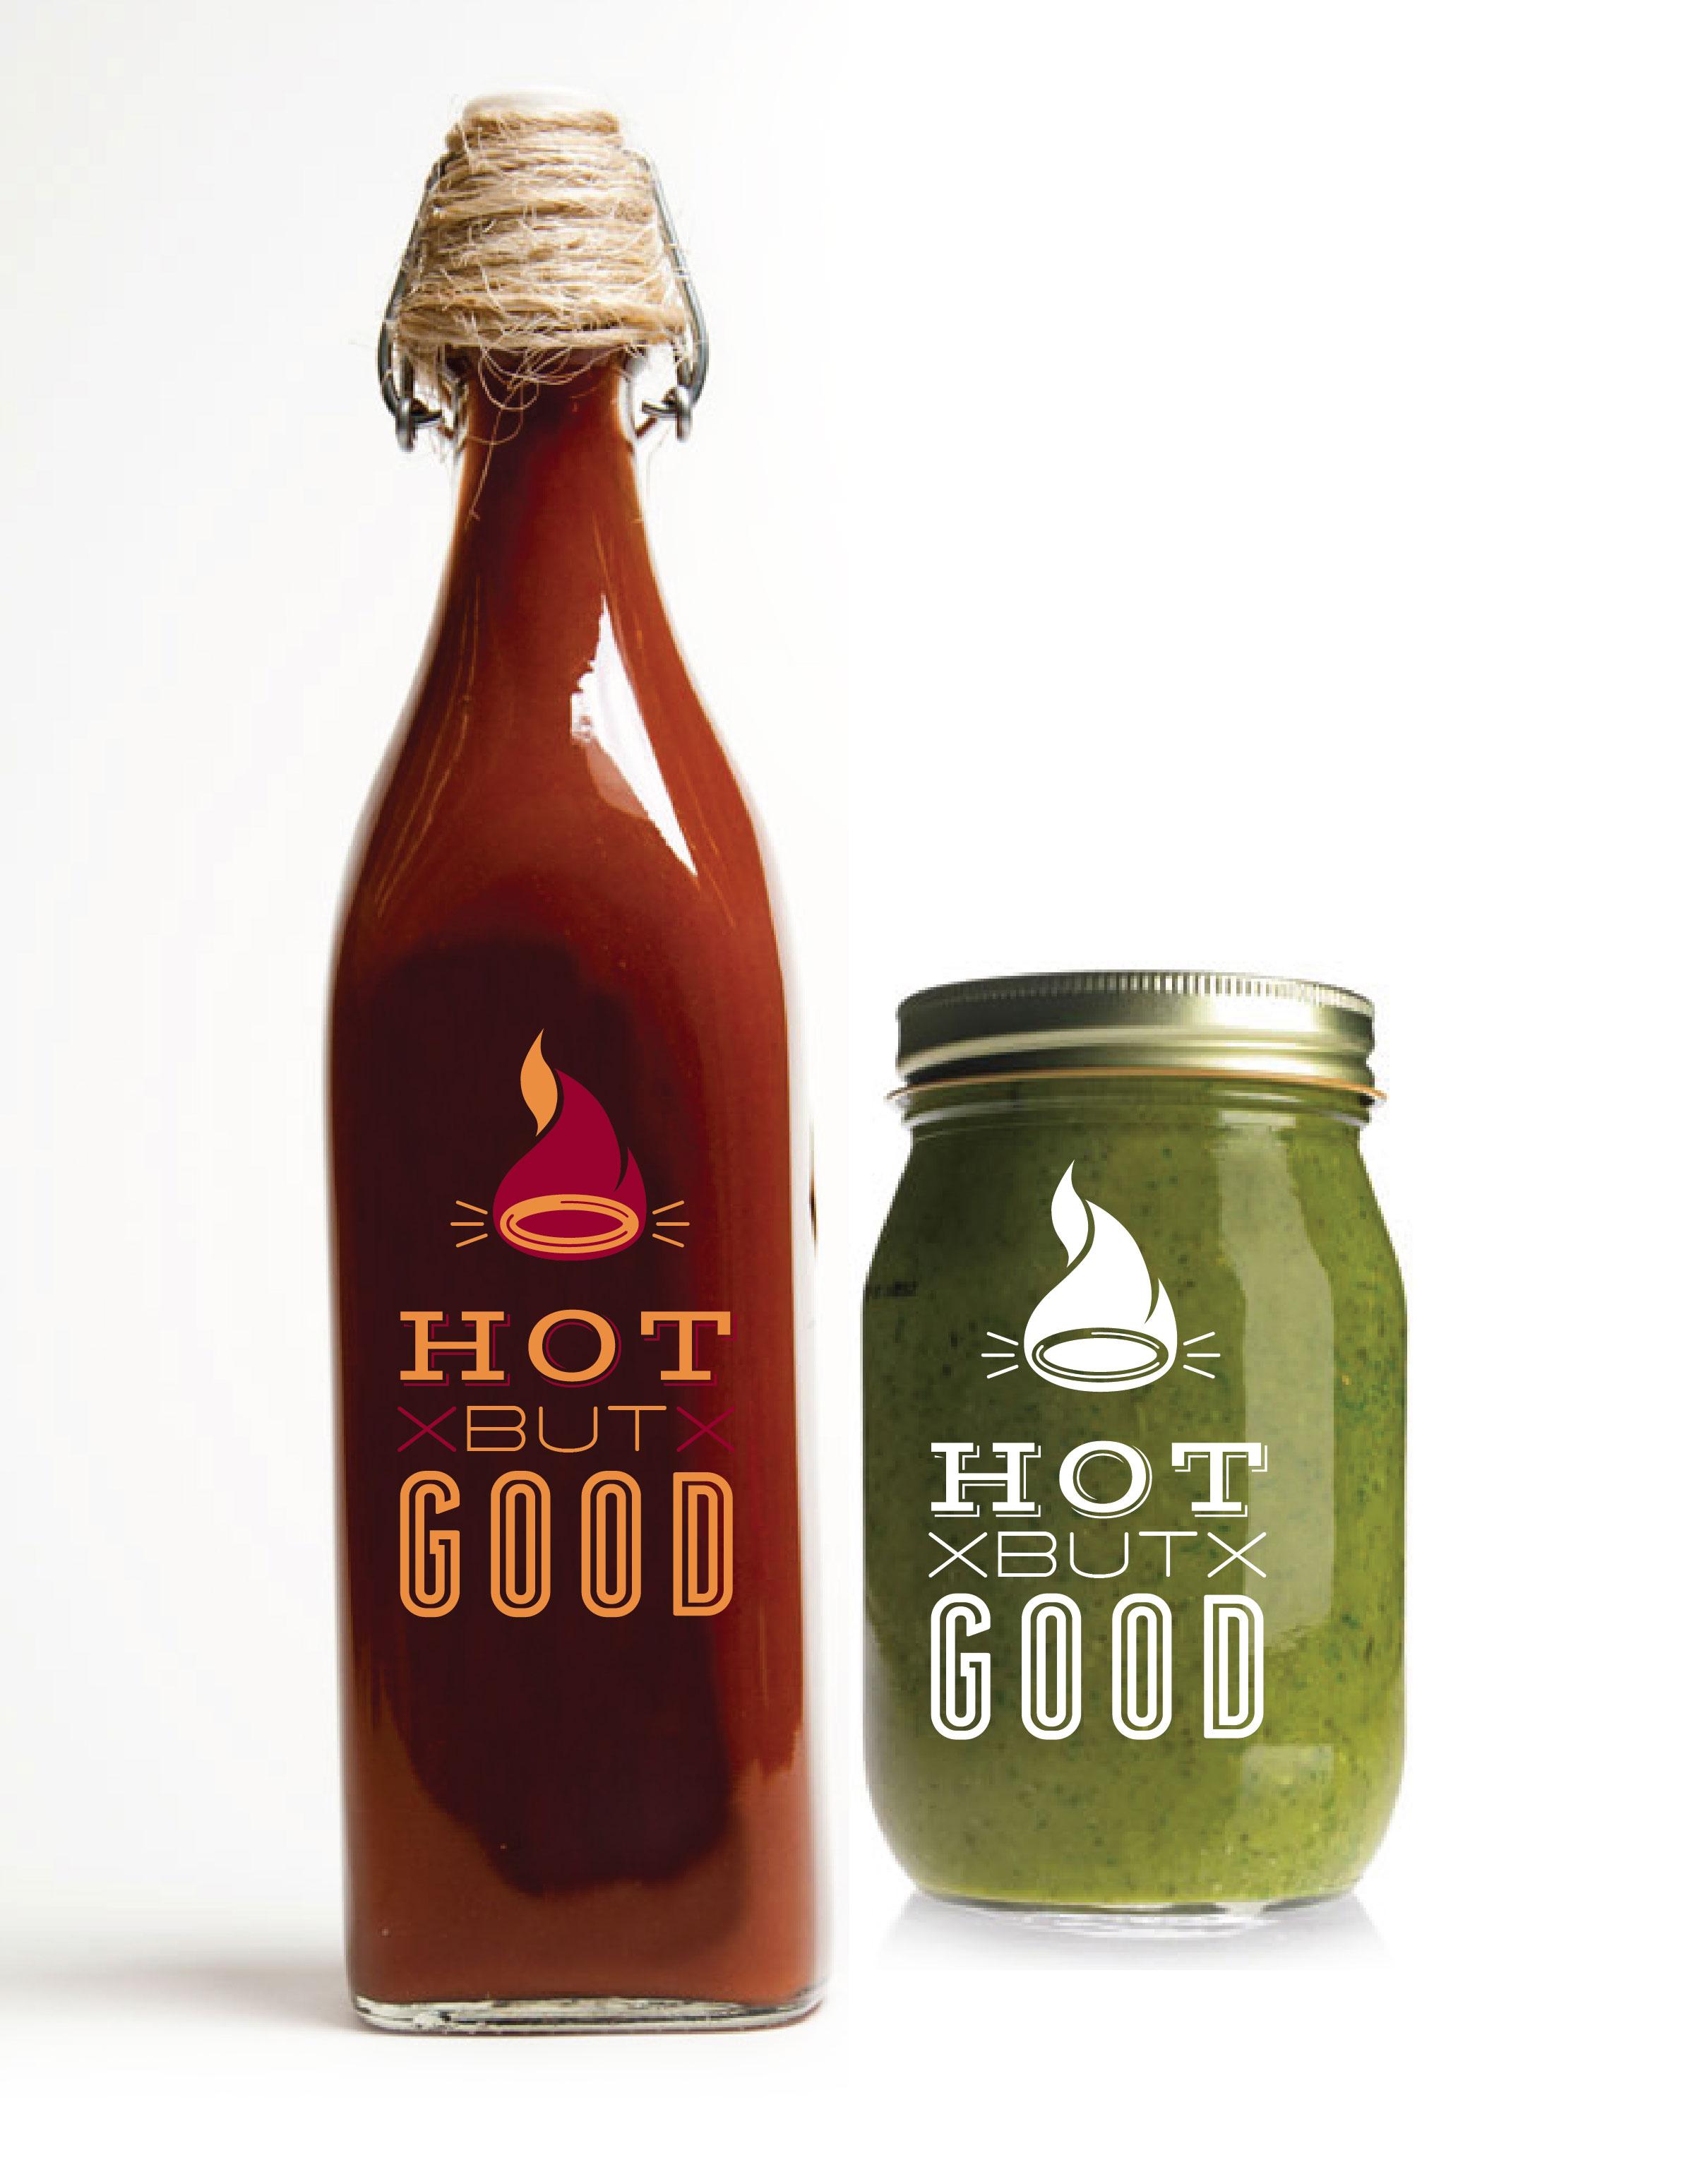 Hot-But-Good-Sauce-Bottles.jpg